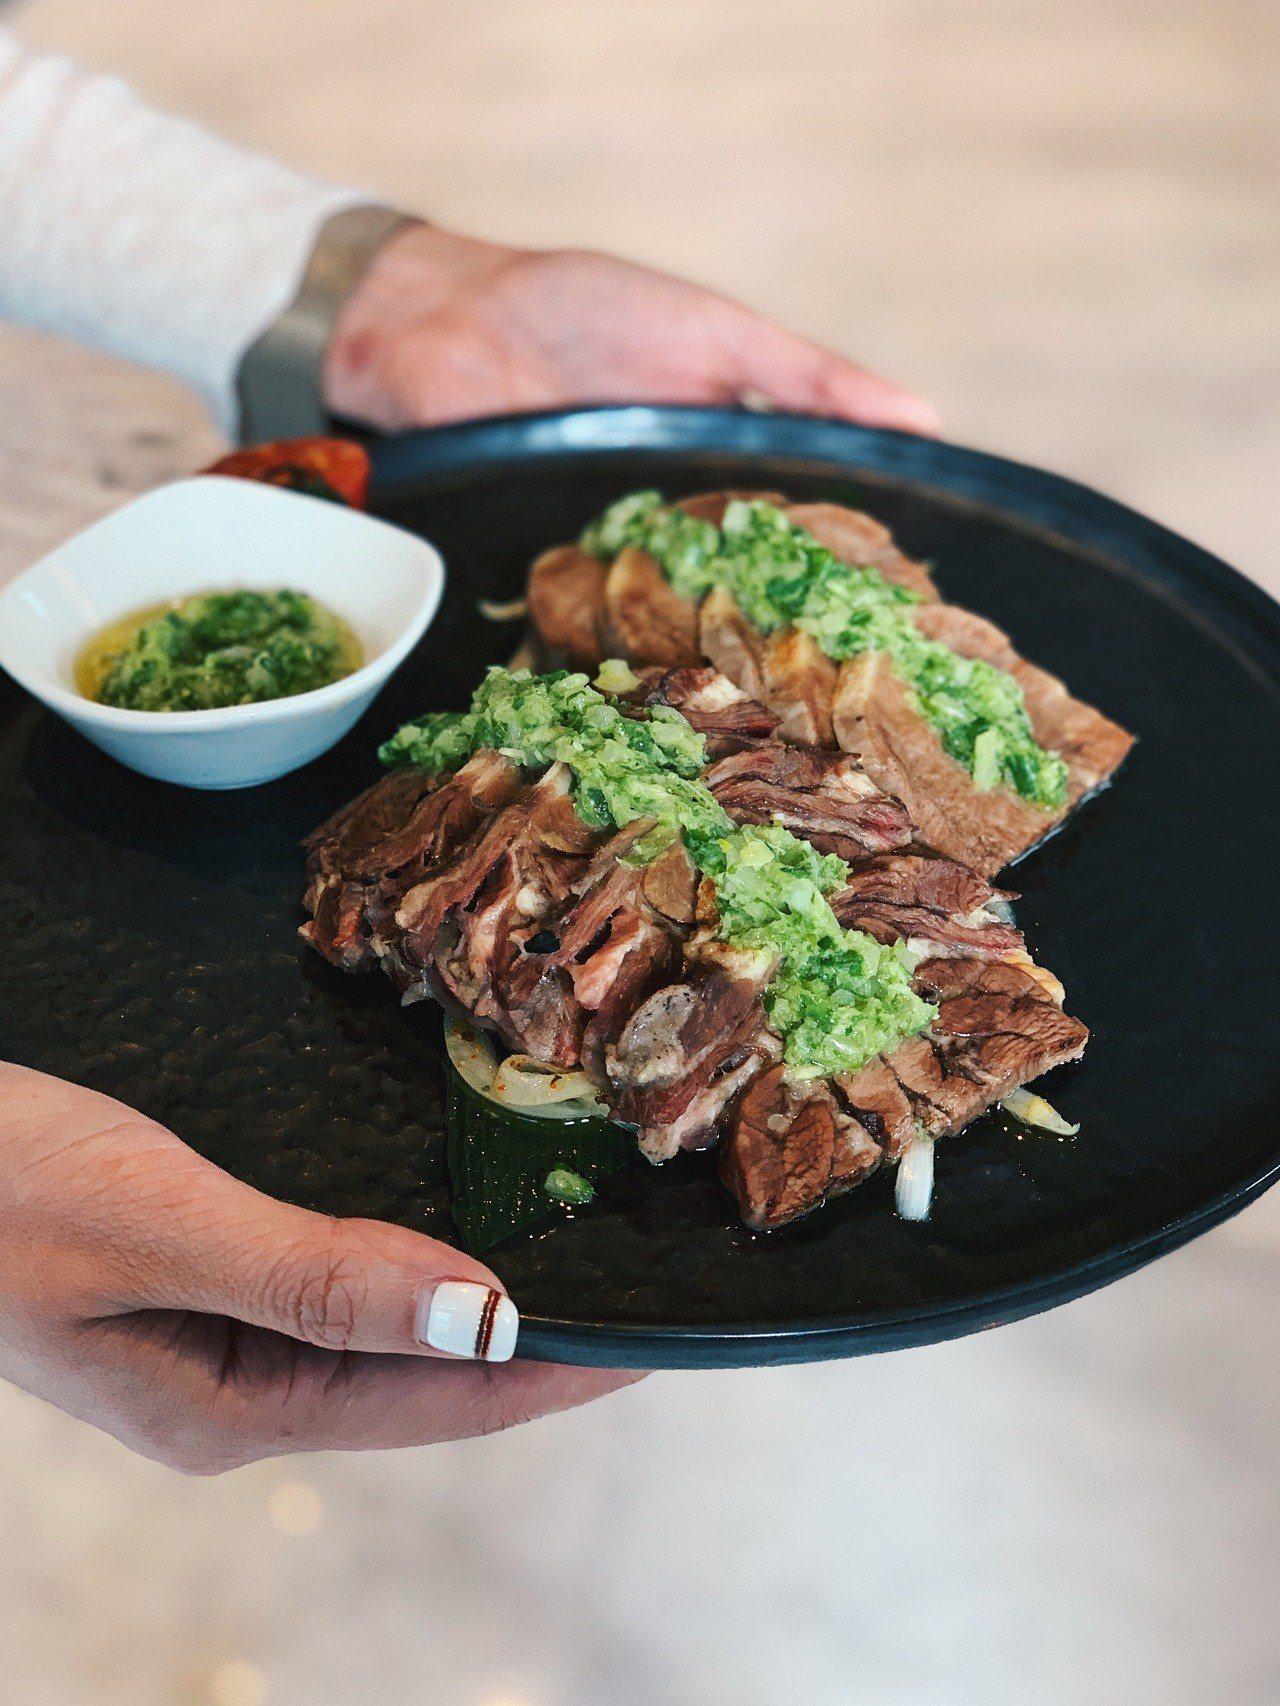 善用道具和手模可以拍出年夜飯的團圓喜氣氛圍。圖/Taipei Foodie提供